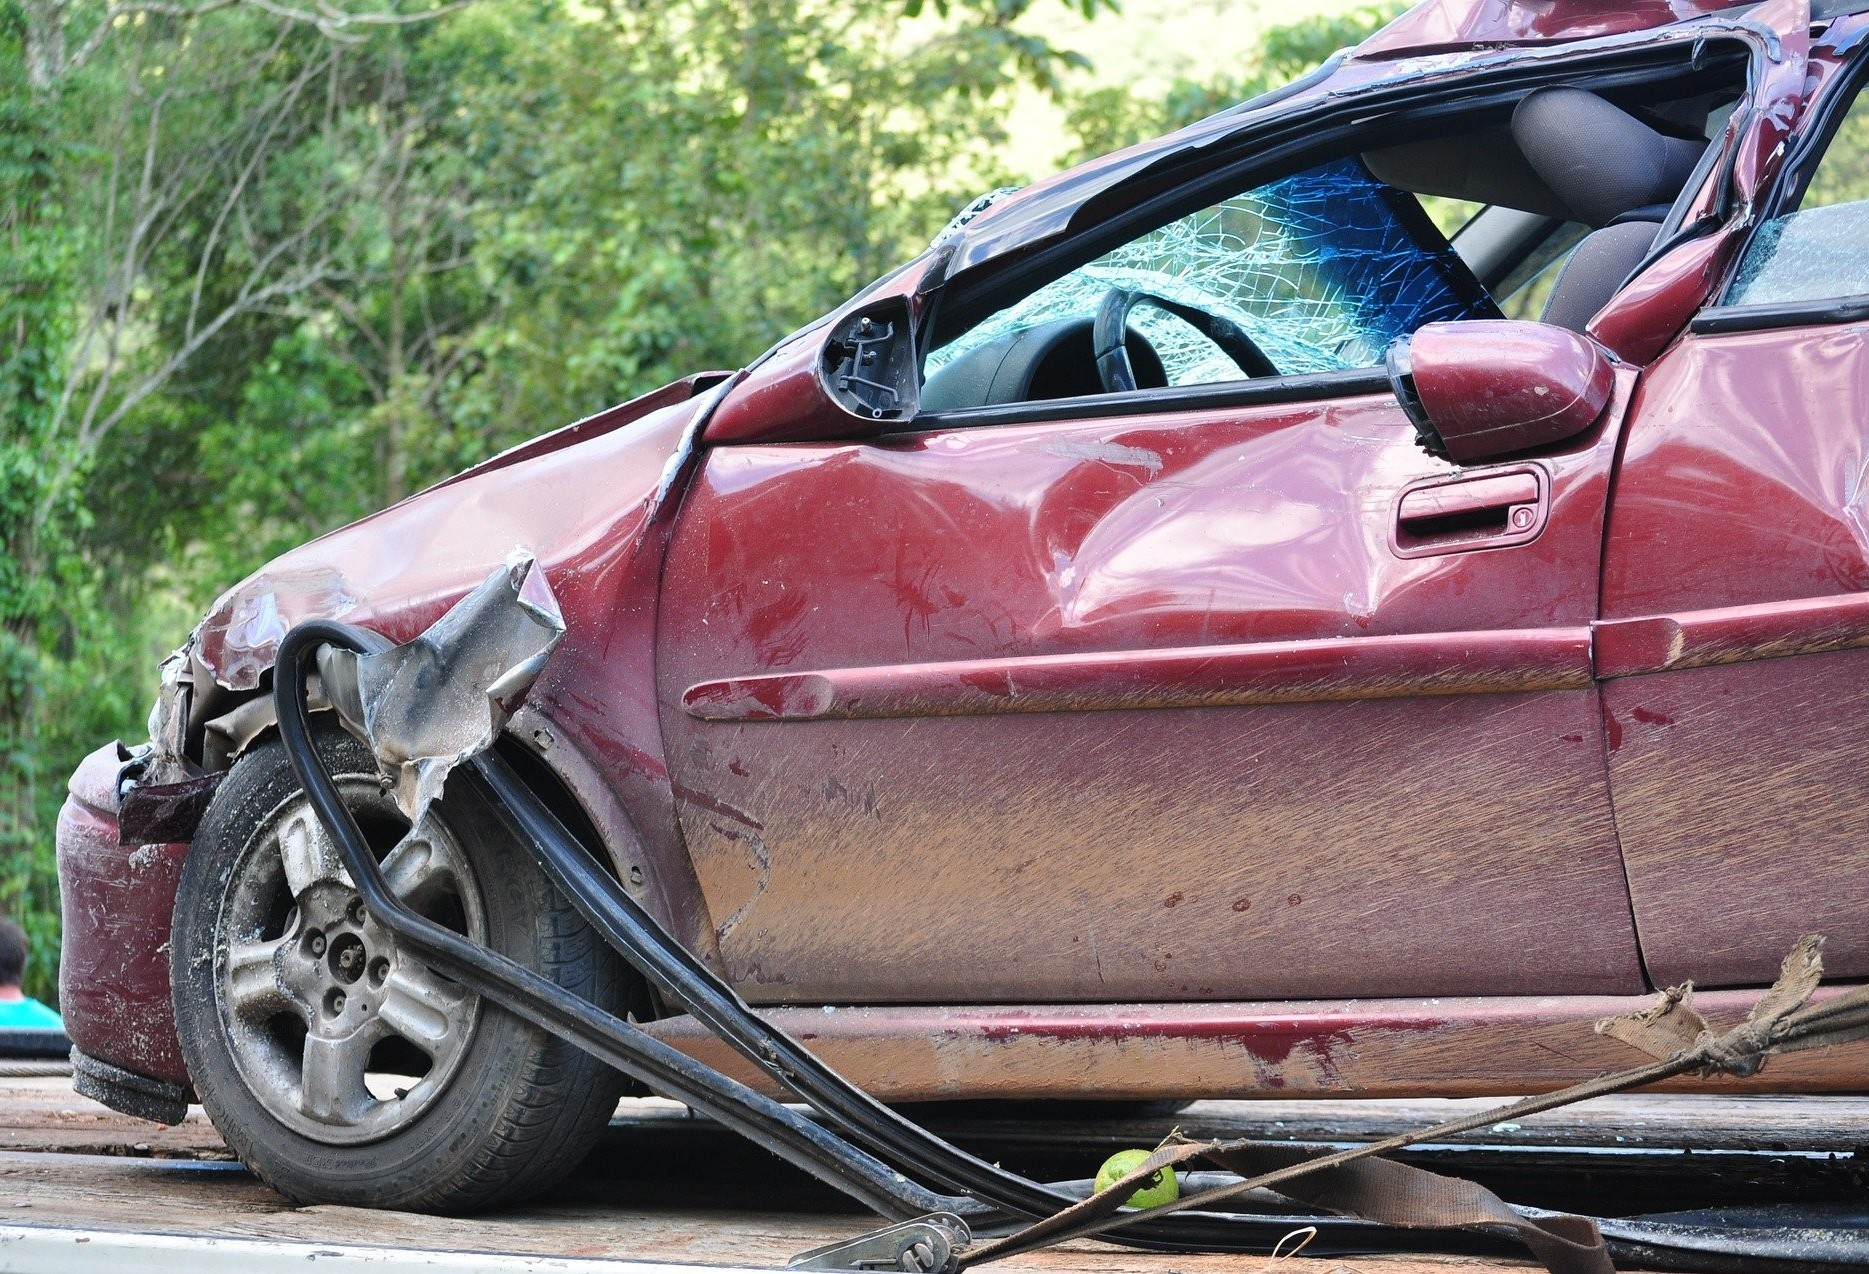 Com hospitais ainda sobrecarregados, cresce importância da conscientização para evitar acidentes de trânsito